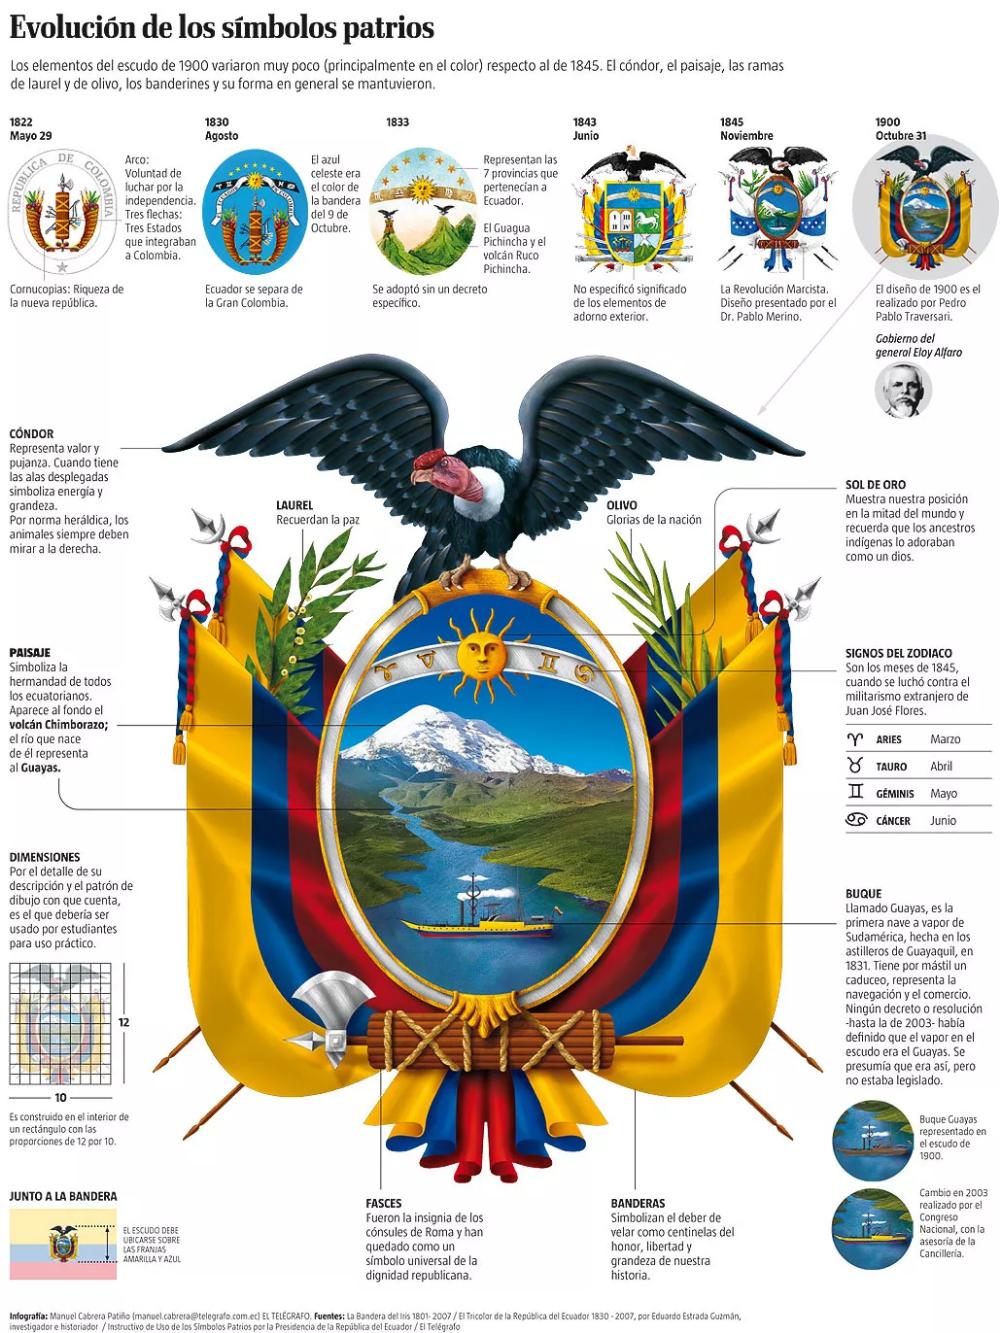 Historia Del Escudo Del Ecuador Resumen De La Cronología Del Escudo Foros Ecuador 2019 Ecuador Interesting Things